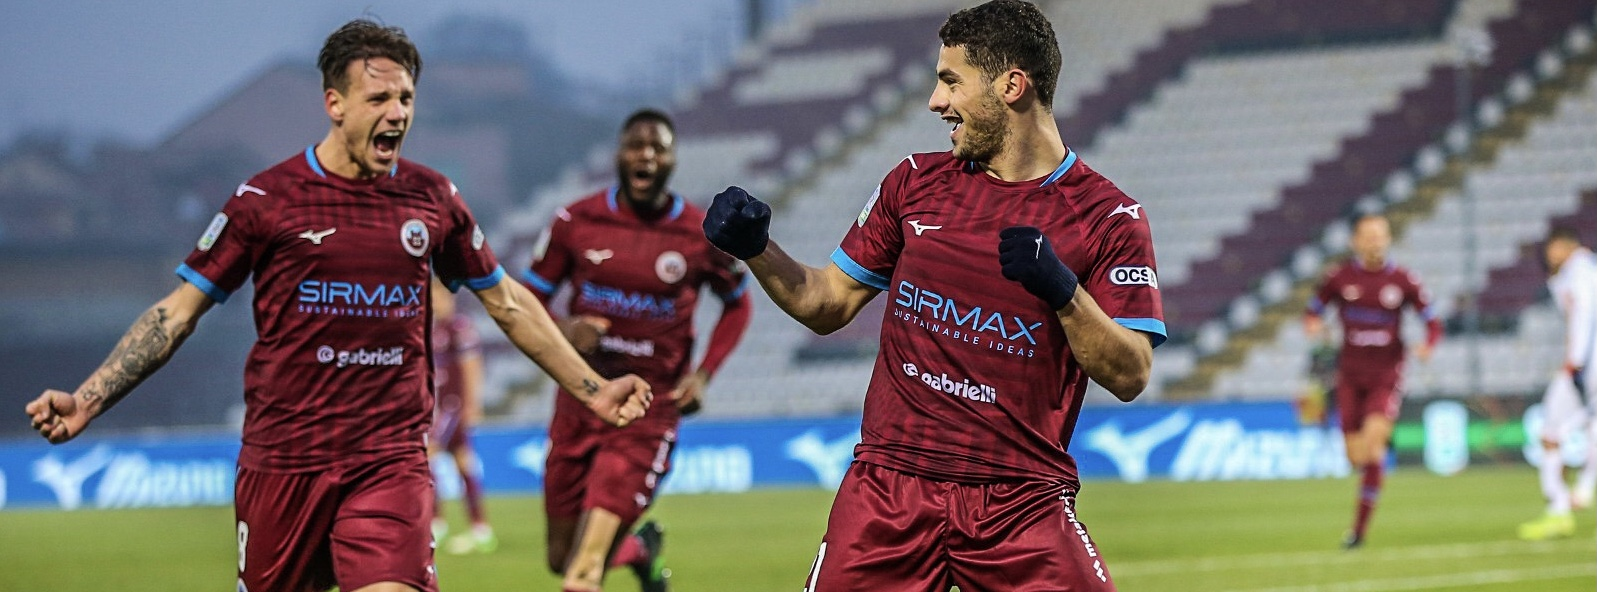 Cittadella – Lecce 2 – 2